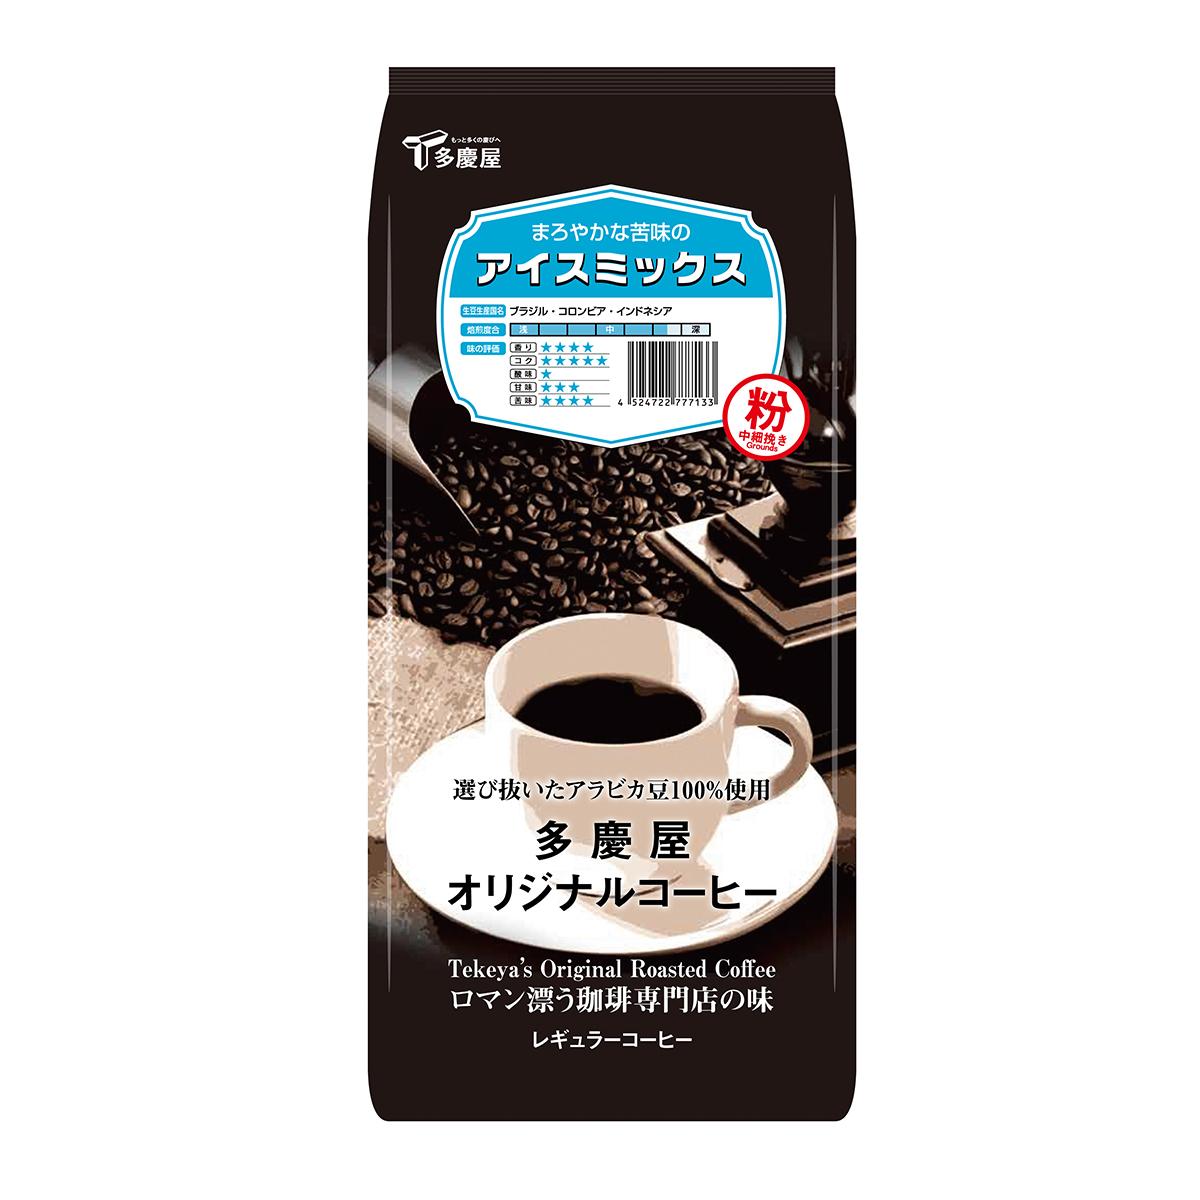 アイスミックス 粉 400g 多慶屋オリジナルコーヒー コーヒー粉 レギュラーコーヒー